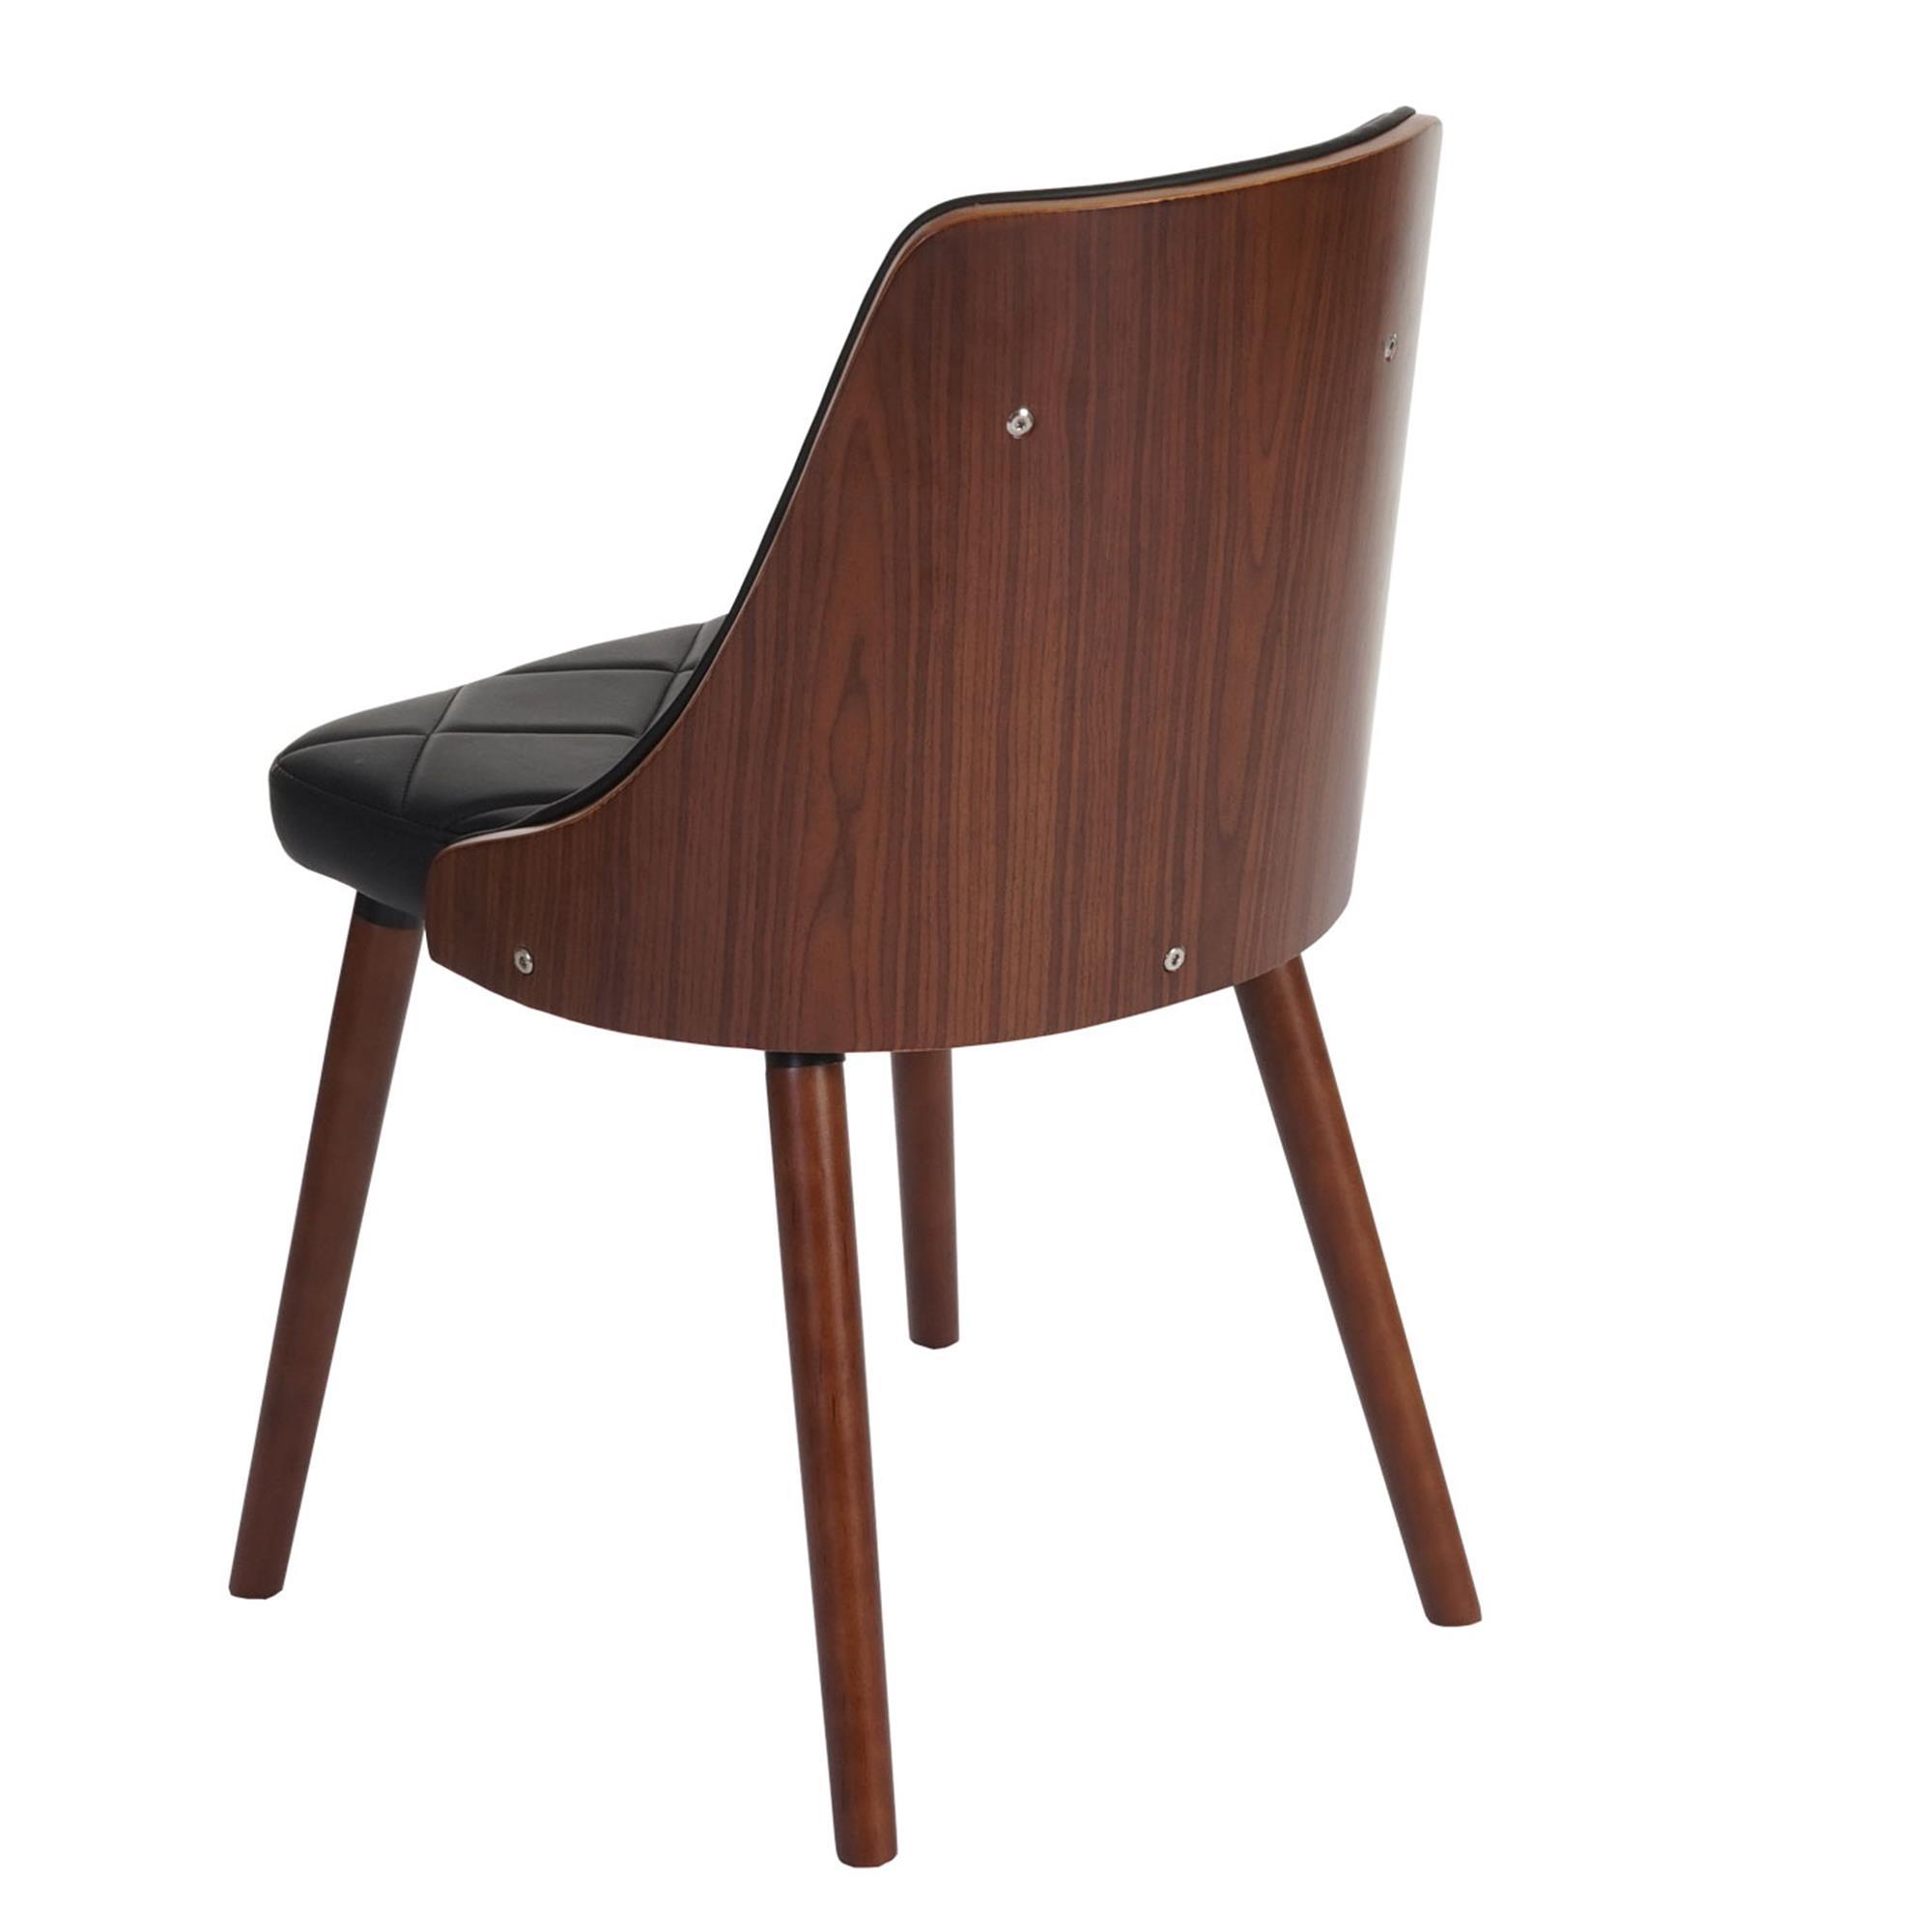 Lote 6 sillas de comedor baley en piel negra conjunto 6 for Sillas de comedor de piel